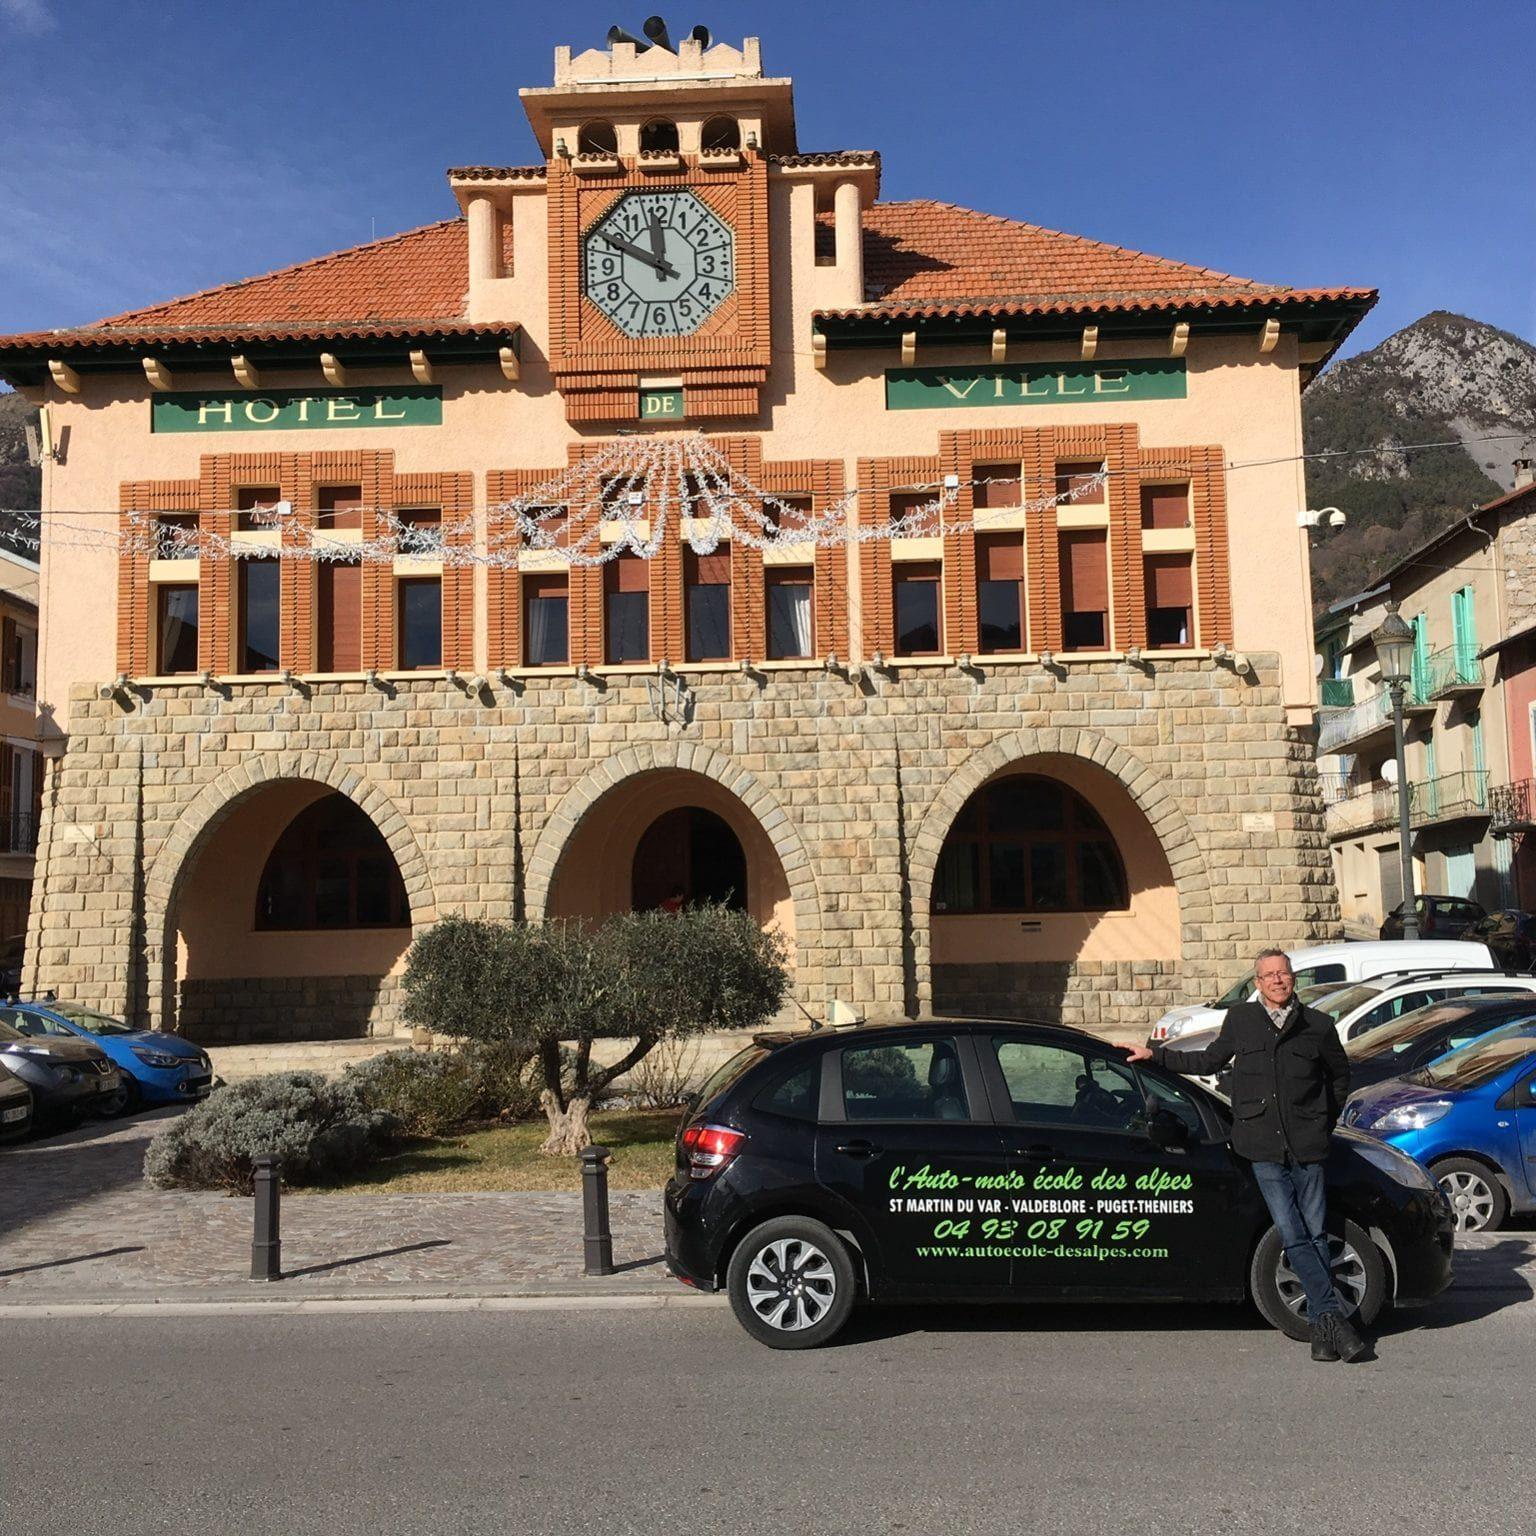 nouveau, cours de code à la mairie de roquebilière tous les samedis matin de 9h à 12h et cours de conduite tous les amedis après midi